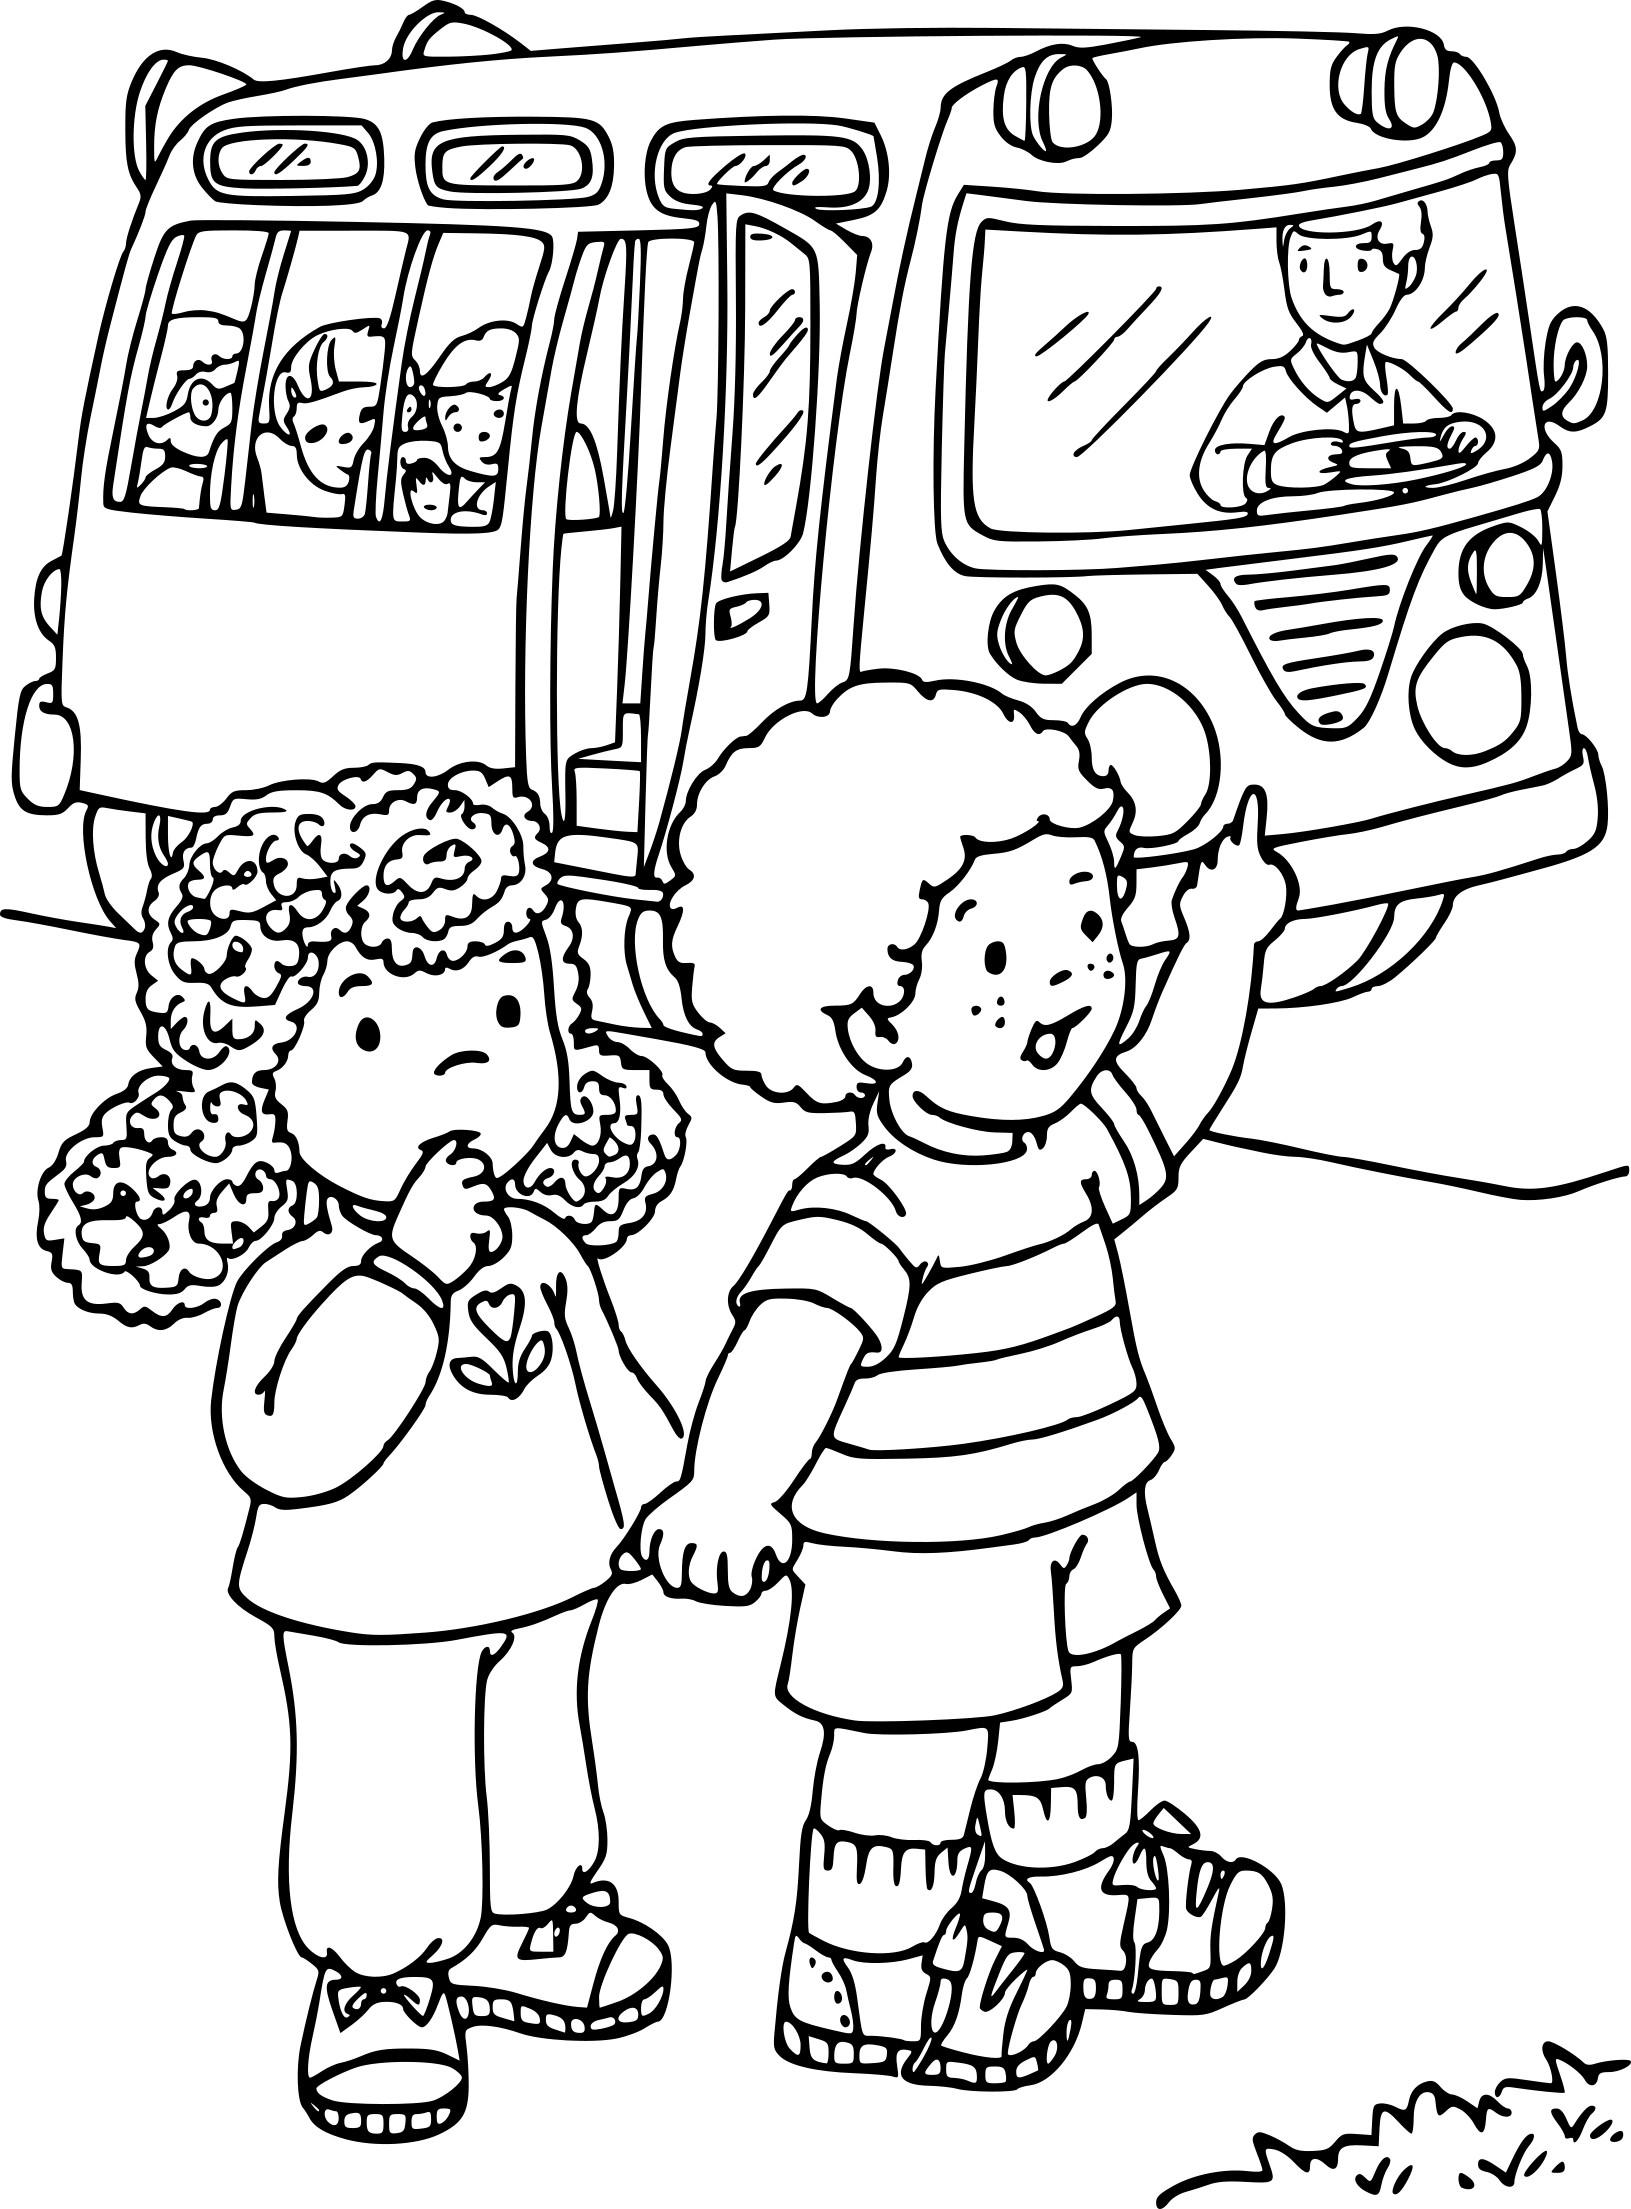 Coloriage Enfant Bus À Imprimer Sur Coloriages dedans Coloriage Enfants